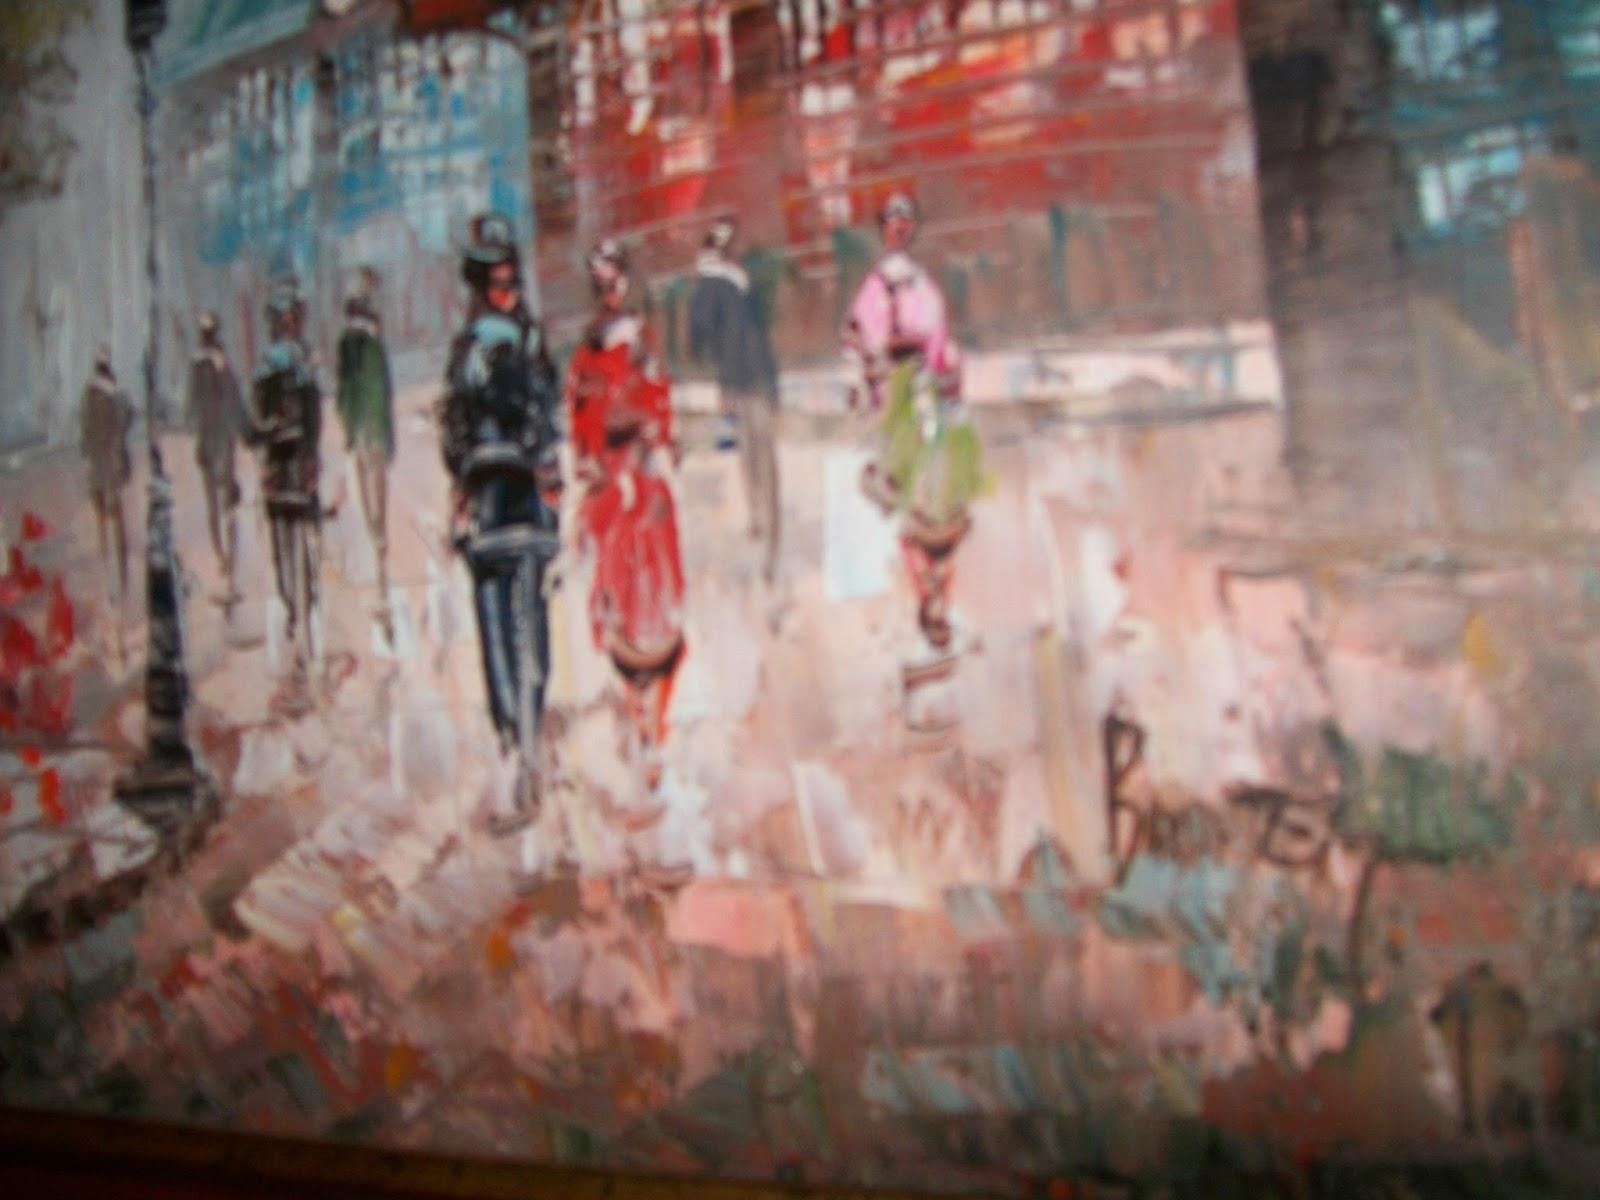 Calogilou le champi tableaux peintures hst tour eiffel - Peintre burnett estimation ...